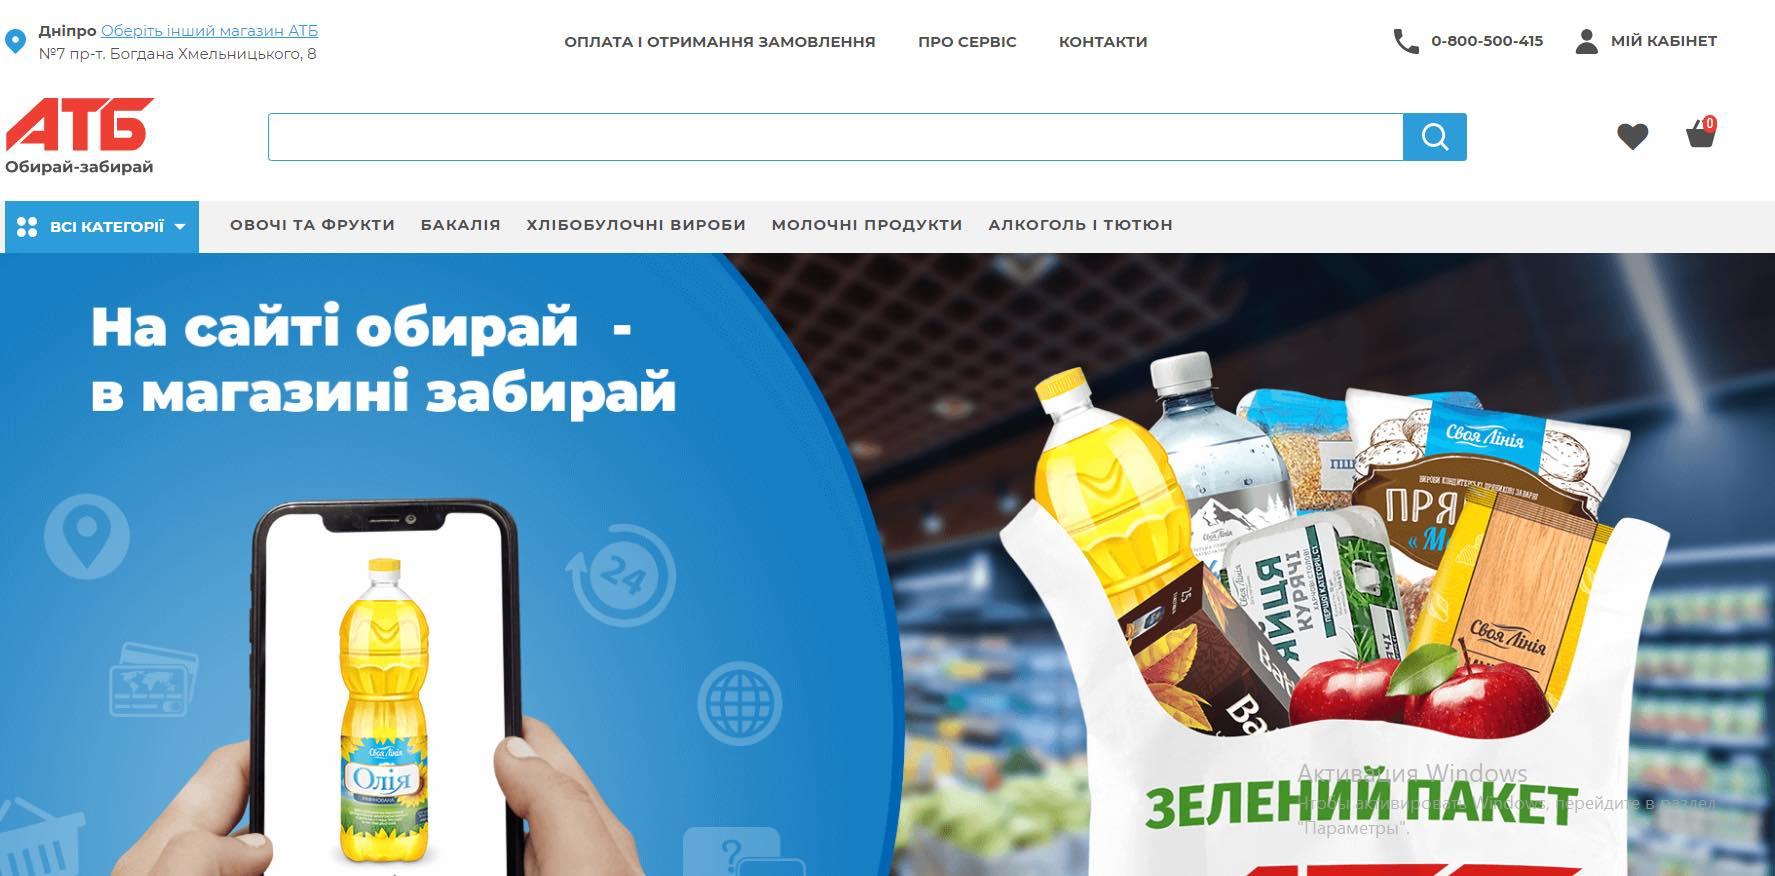 Інтернет-магазин «АТБ»: купівля продуктів харчування онлайн уже доступна в Україні